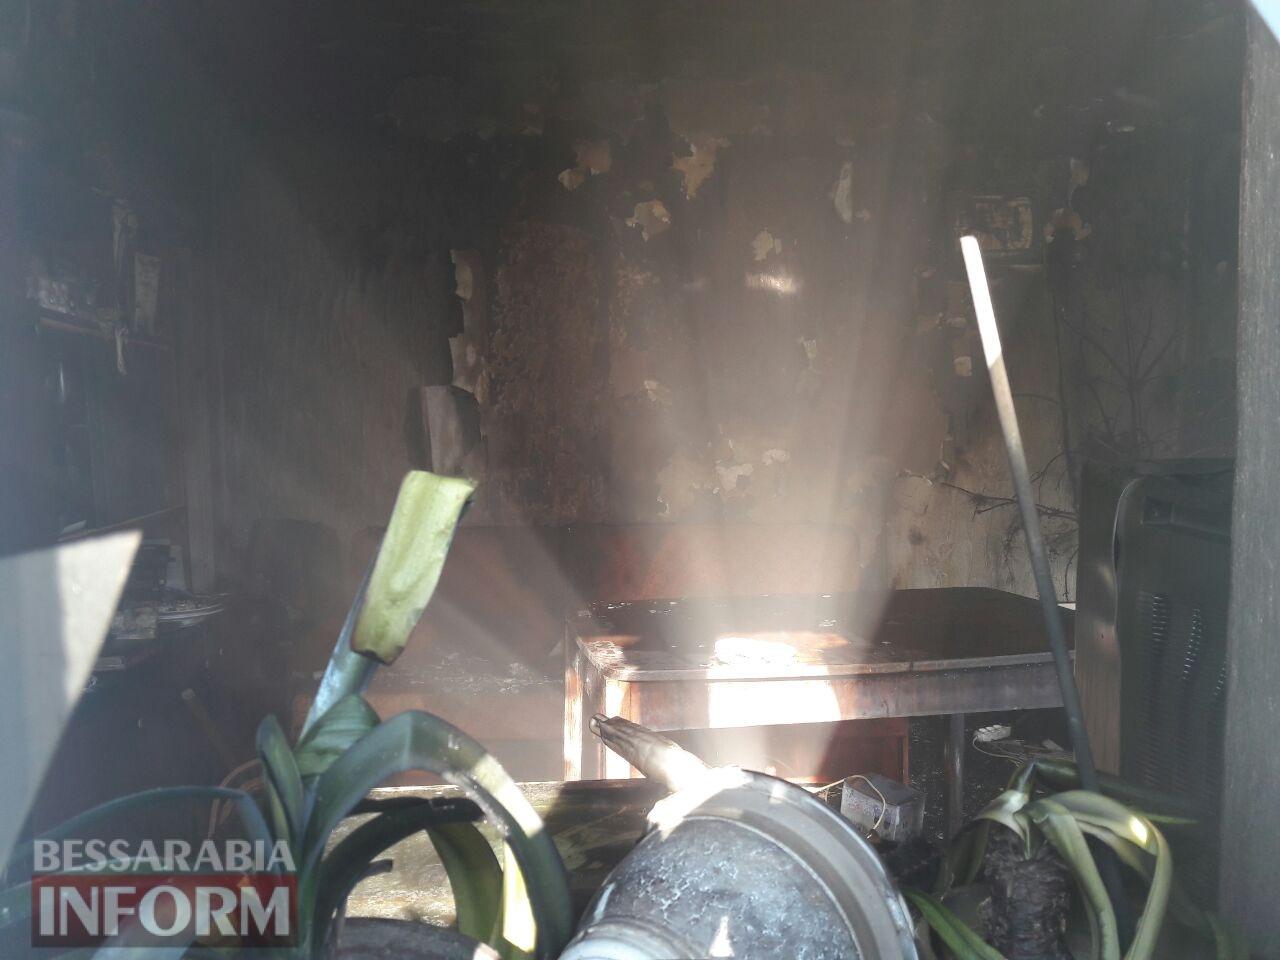 Утром в Измаиле произошел пожар в жилом доме